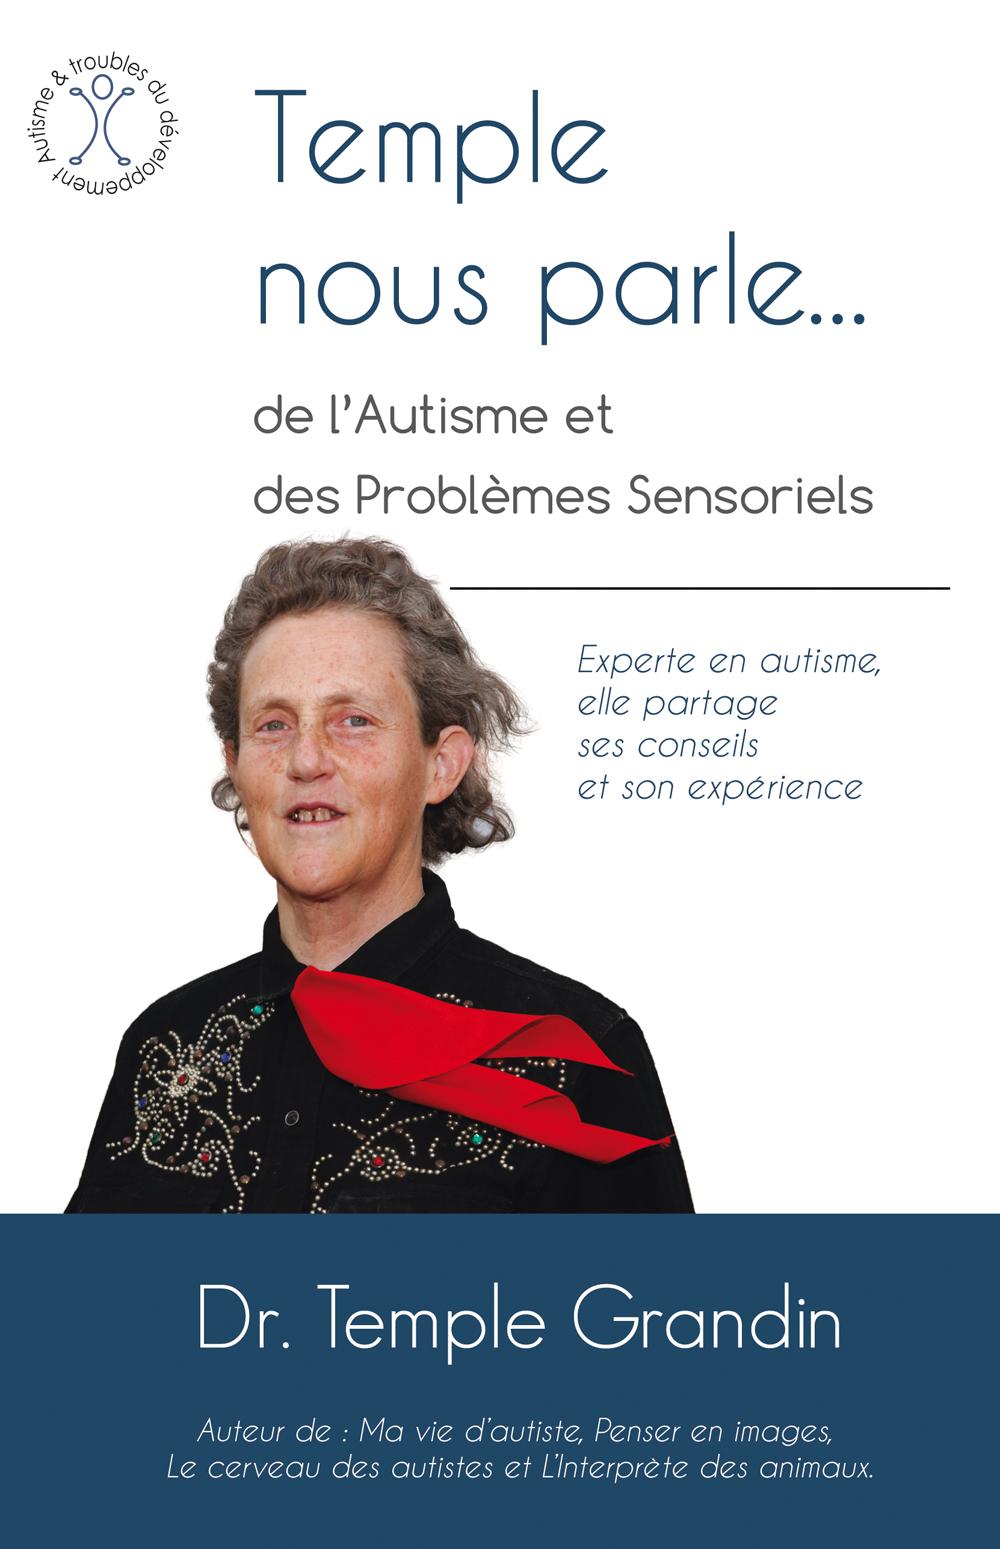 TEMPLE NOUS PARLE... DE L'AUTISME ET DES PROBLEMES SENSORIELS